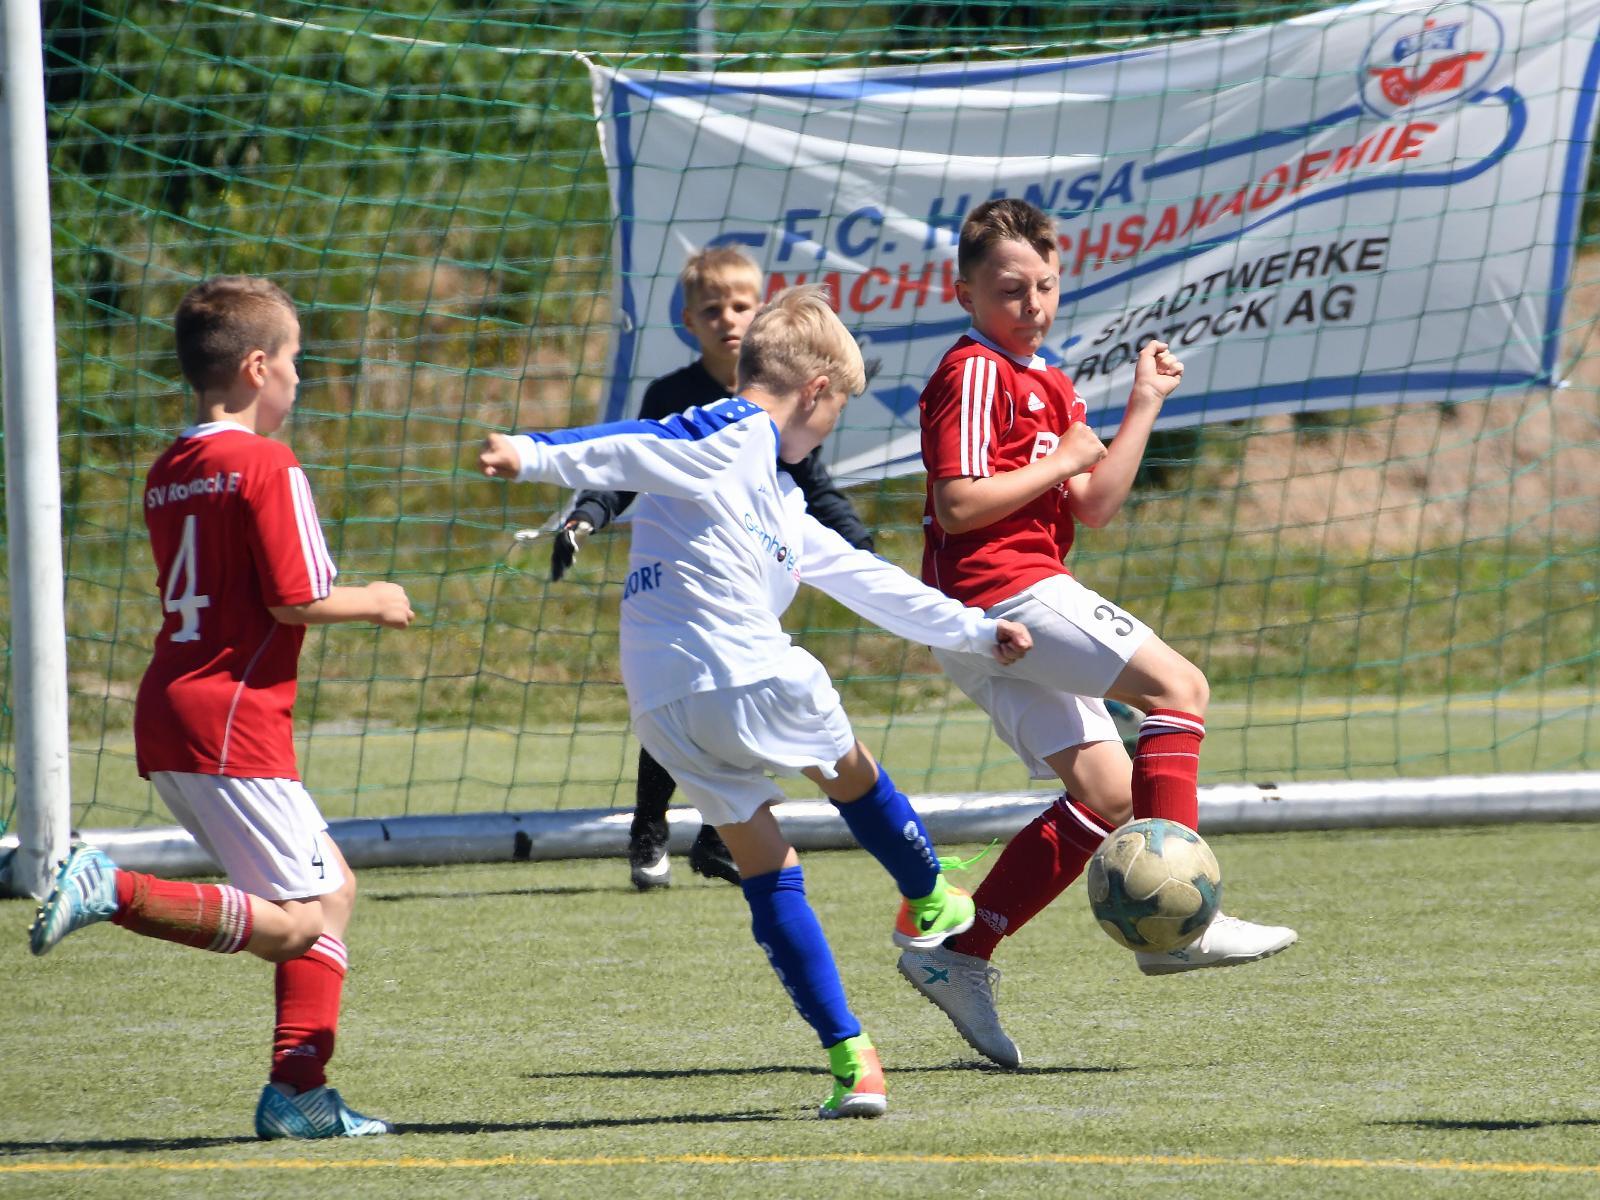 Die jungen Kicker zeigen Teamgeist beim Fußballpokal.